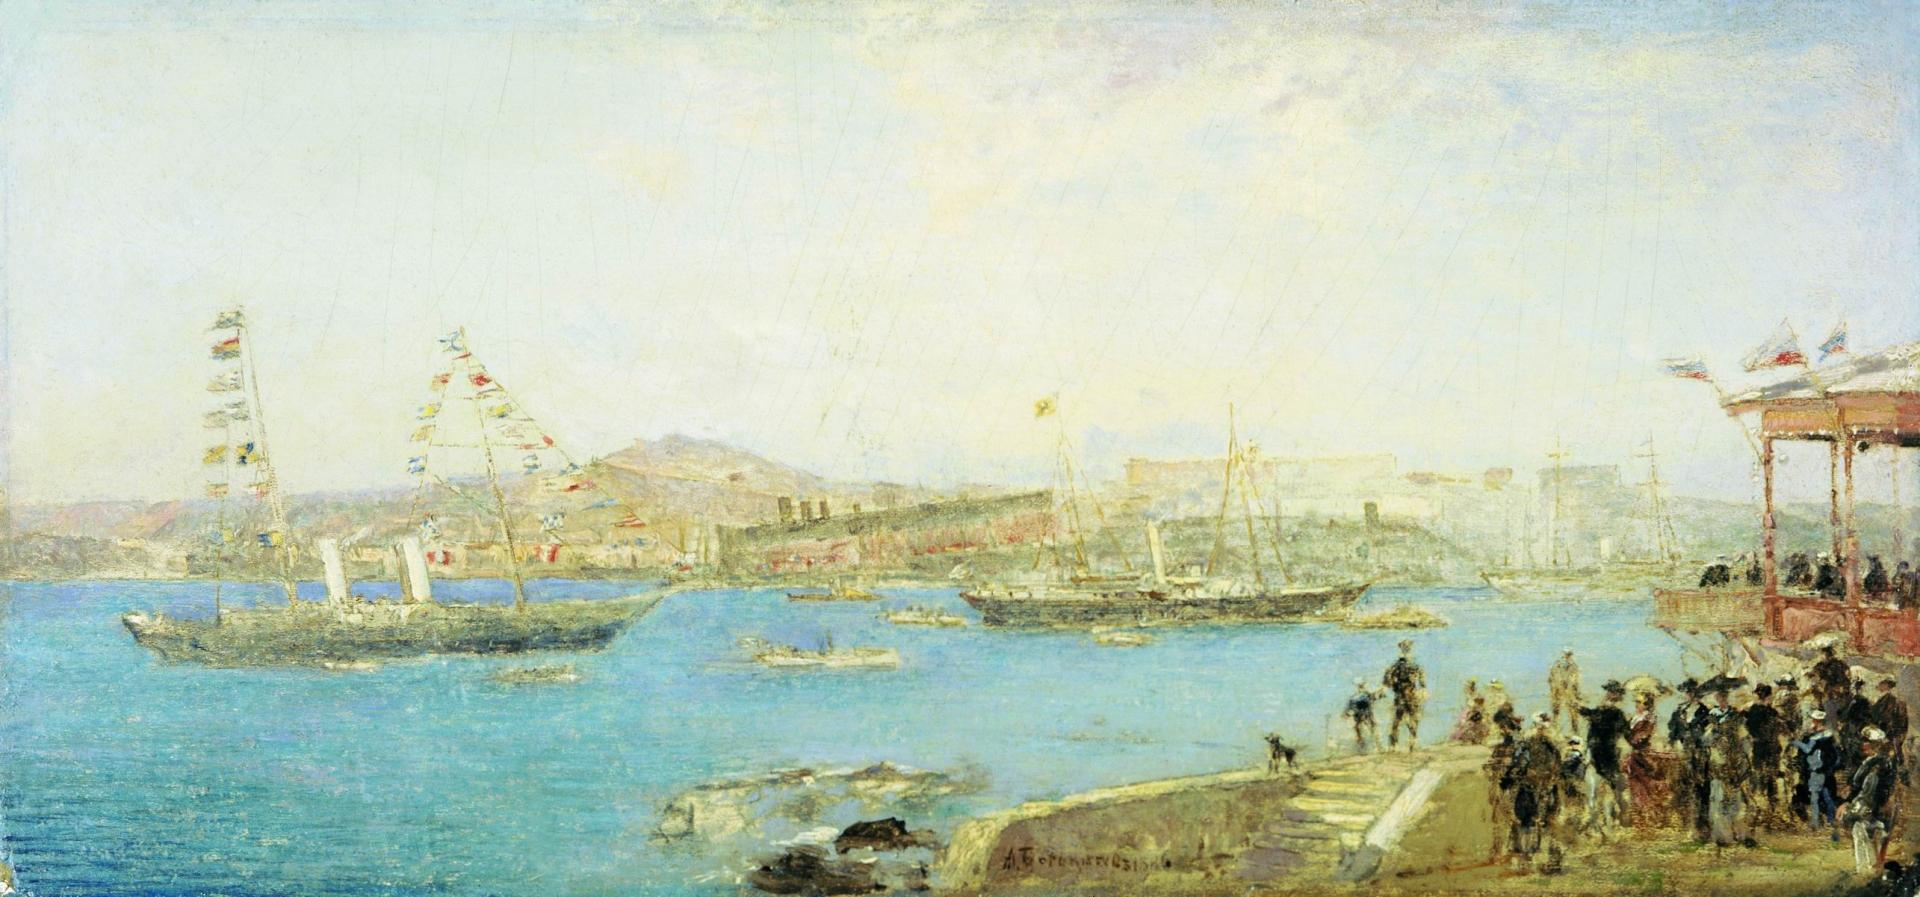 Алексей Боголюбов. Спуск корабля. 1886